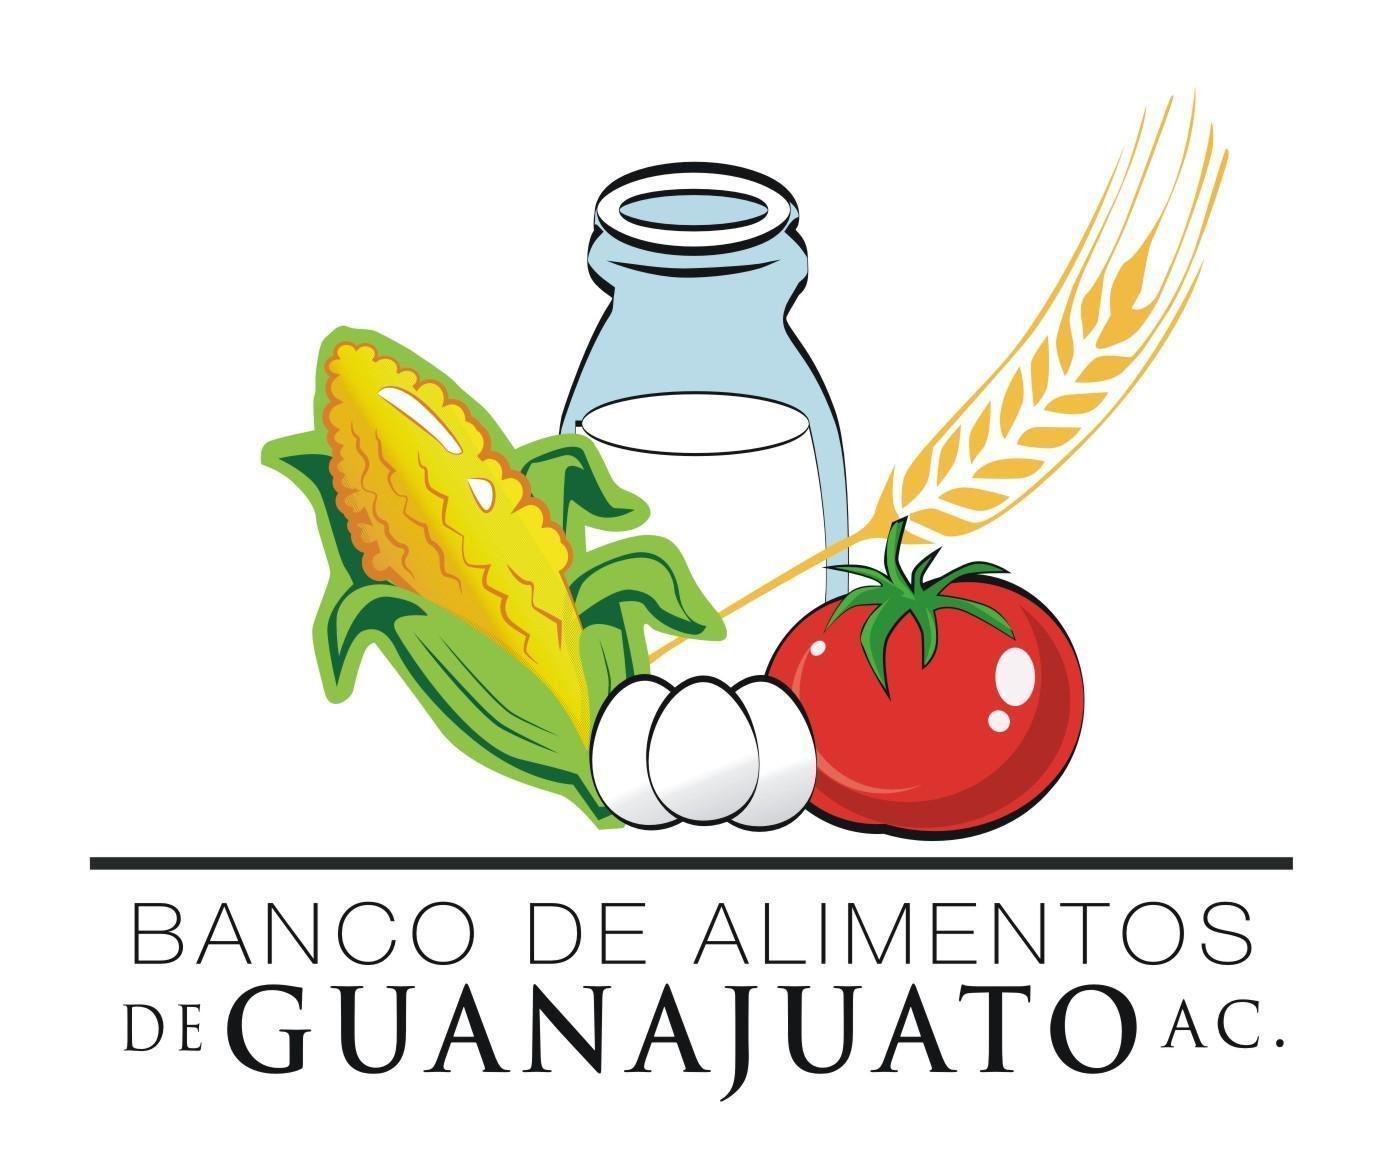 BANCO DE ALIMENTOS DE GTO